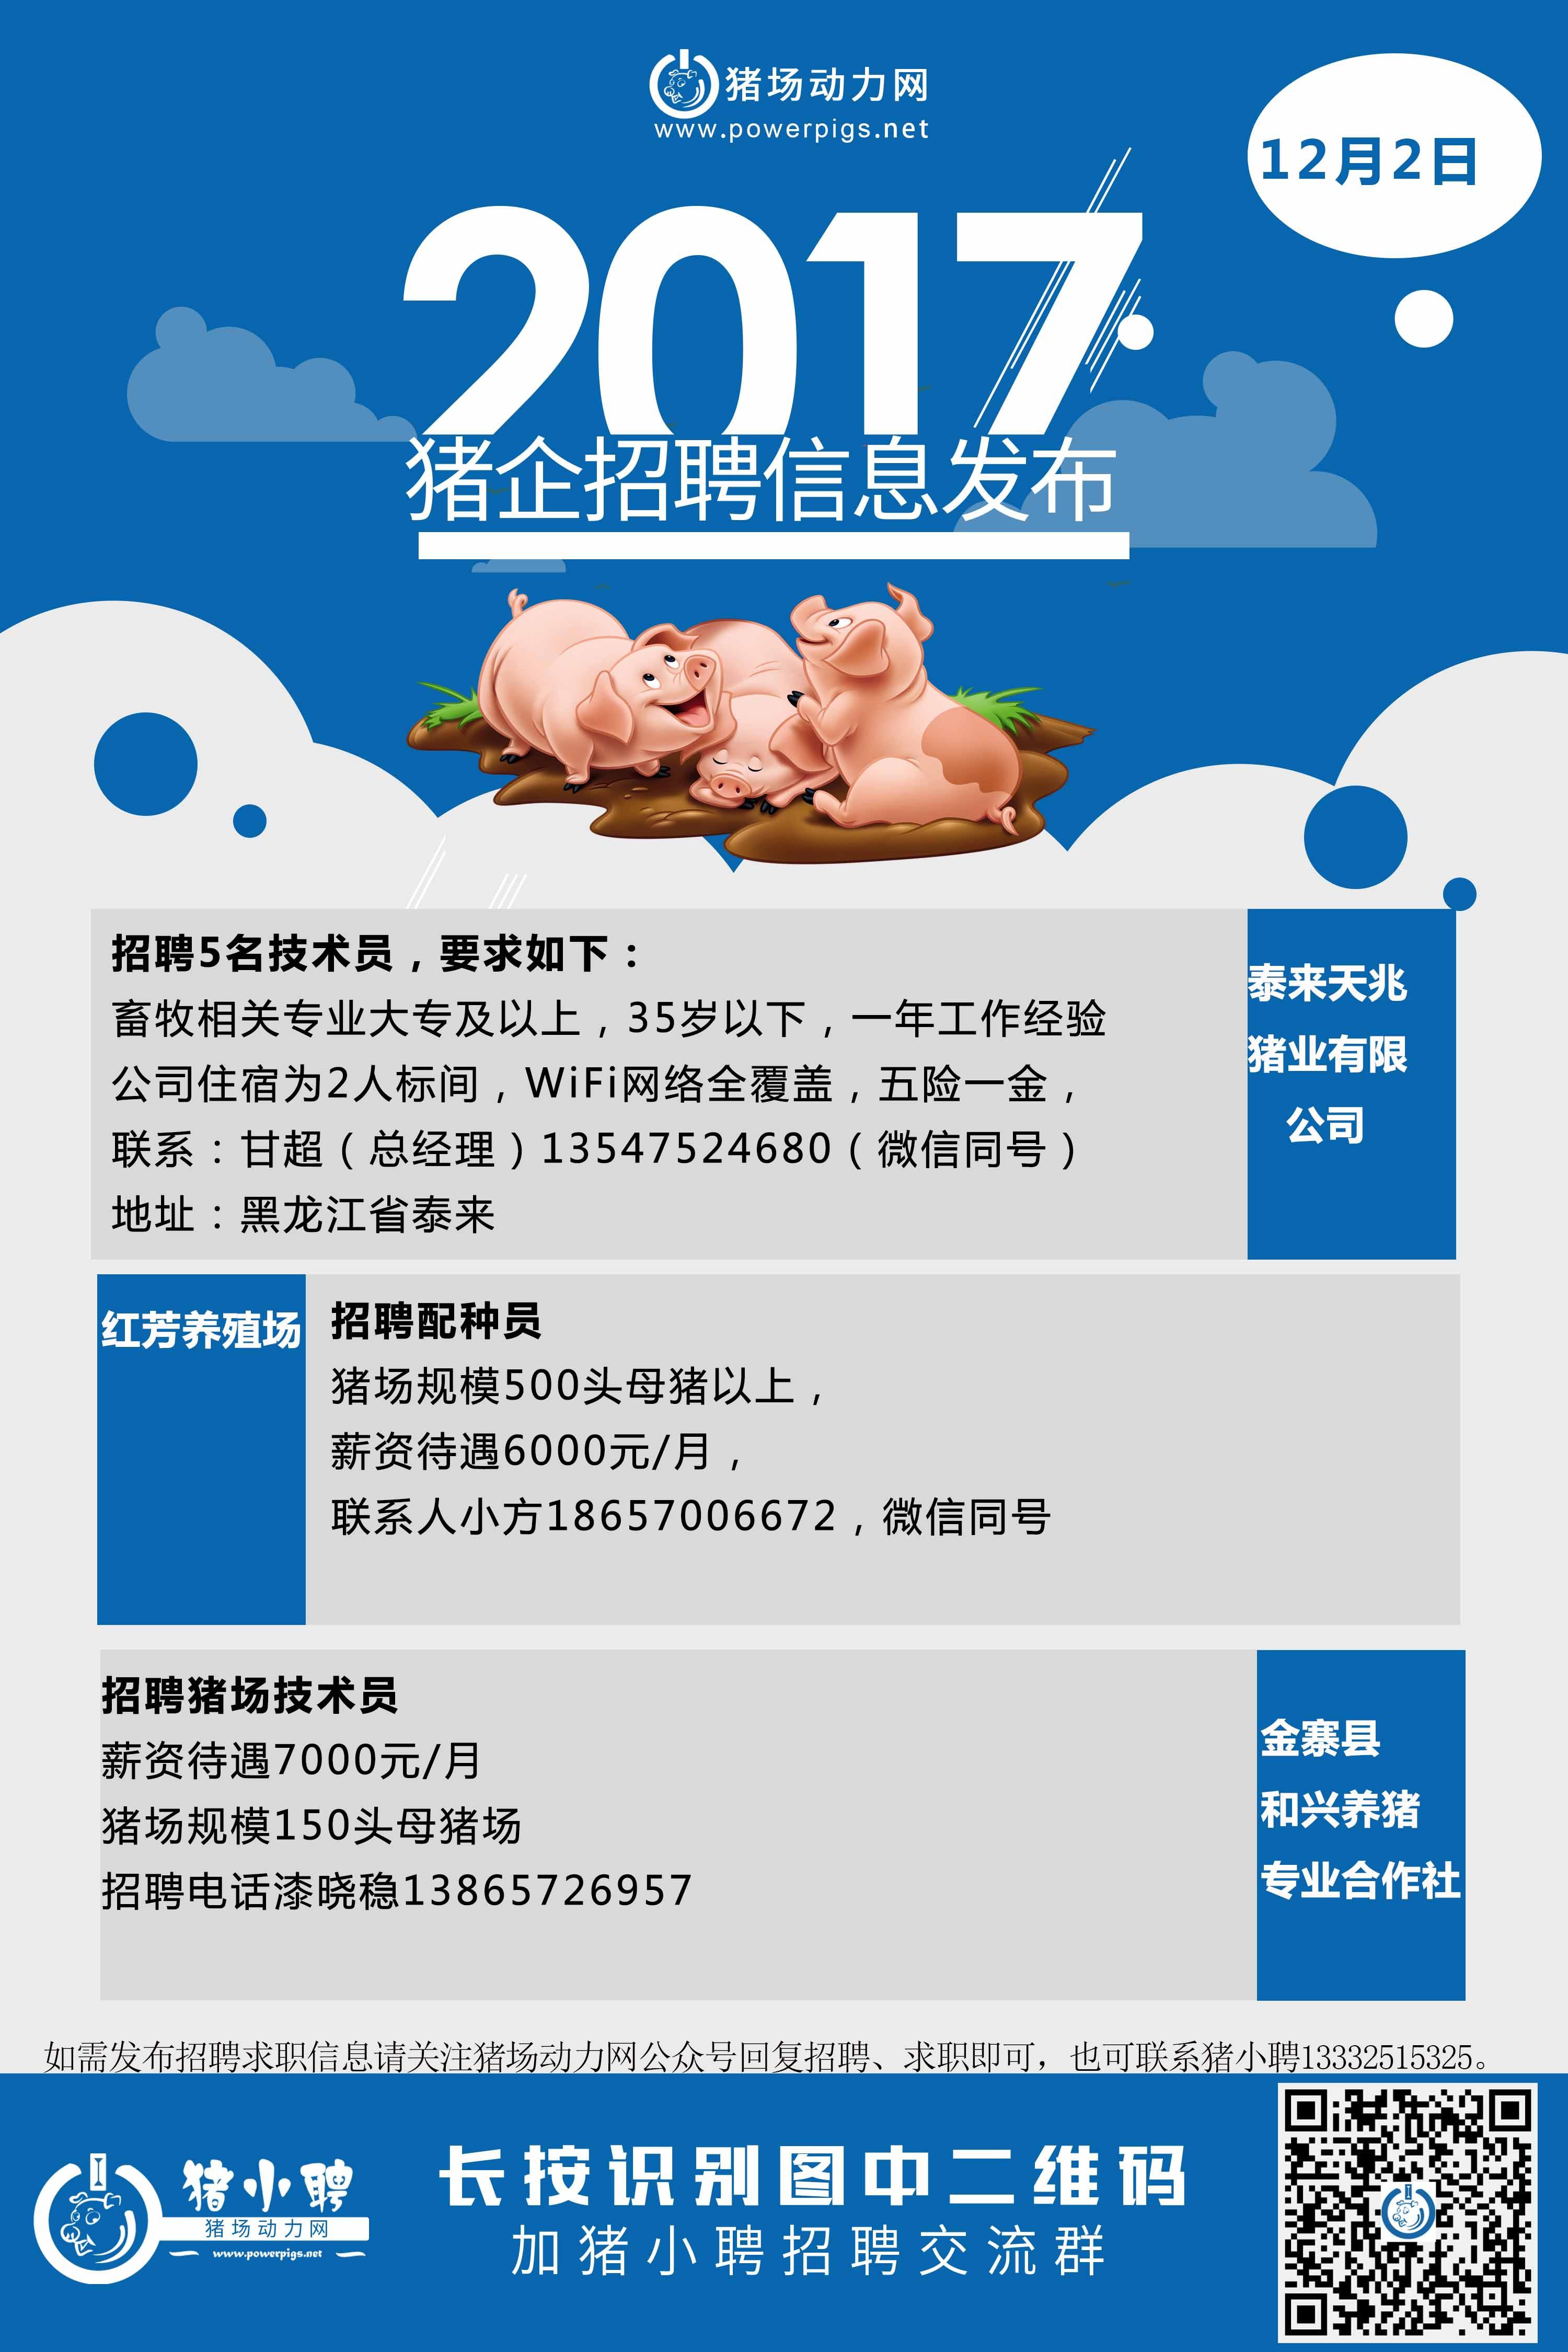 12.2日猪场招聘.jpg